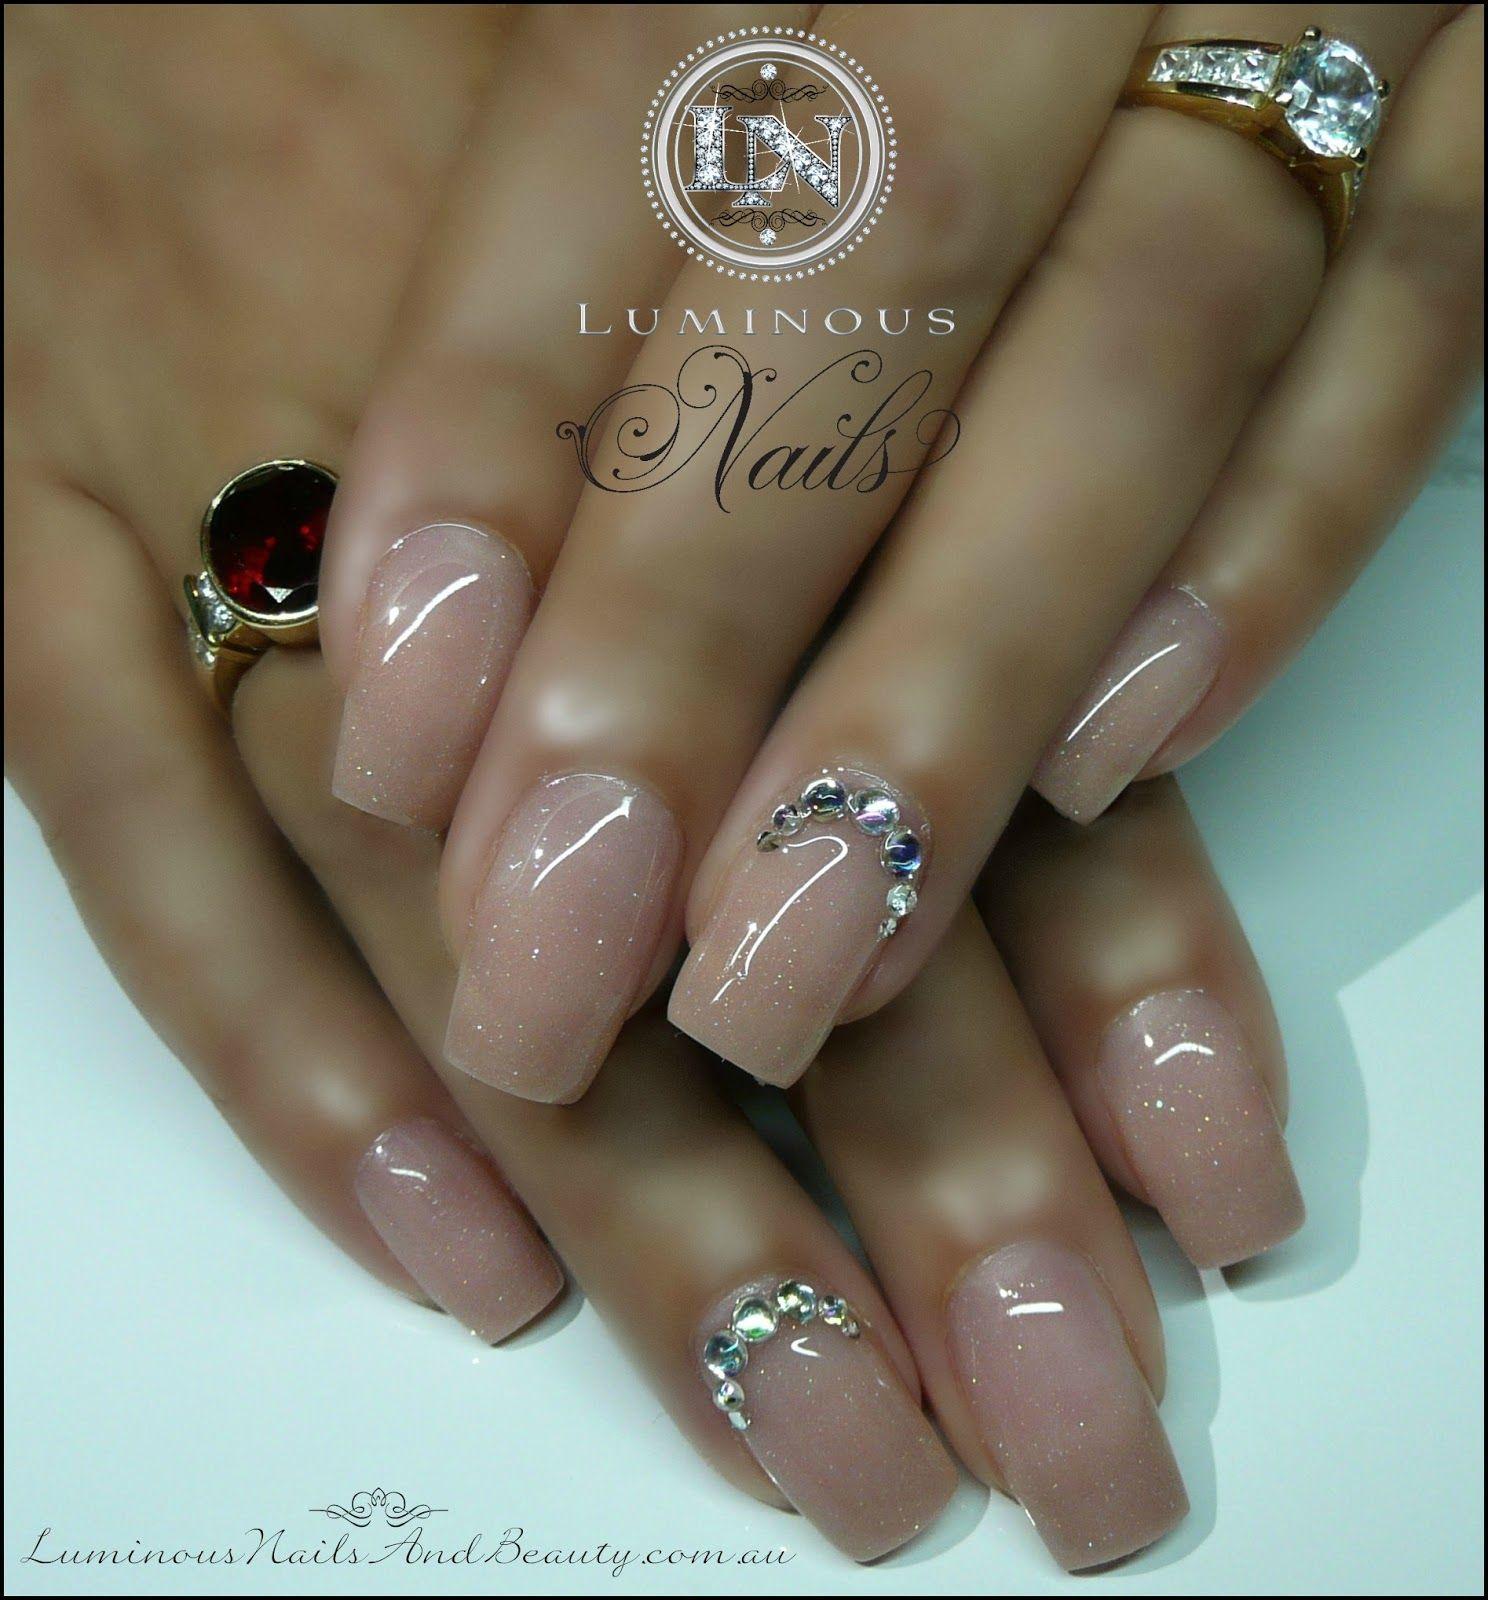 Luminous Nails Luminous Nails Gel Nails Cute Nails